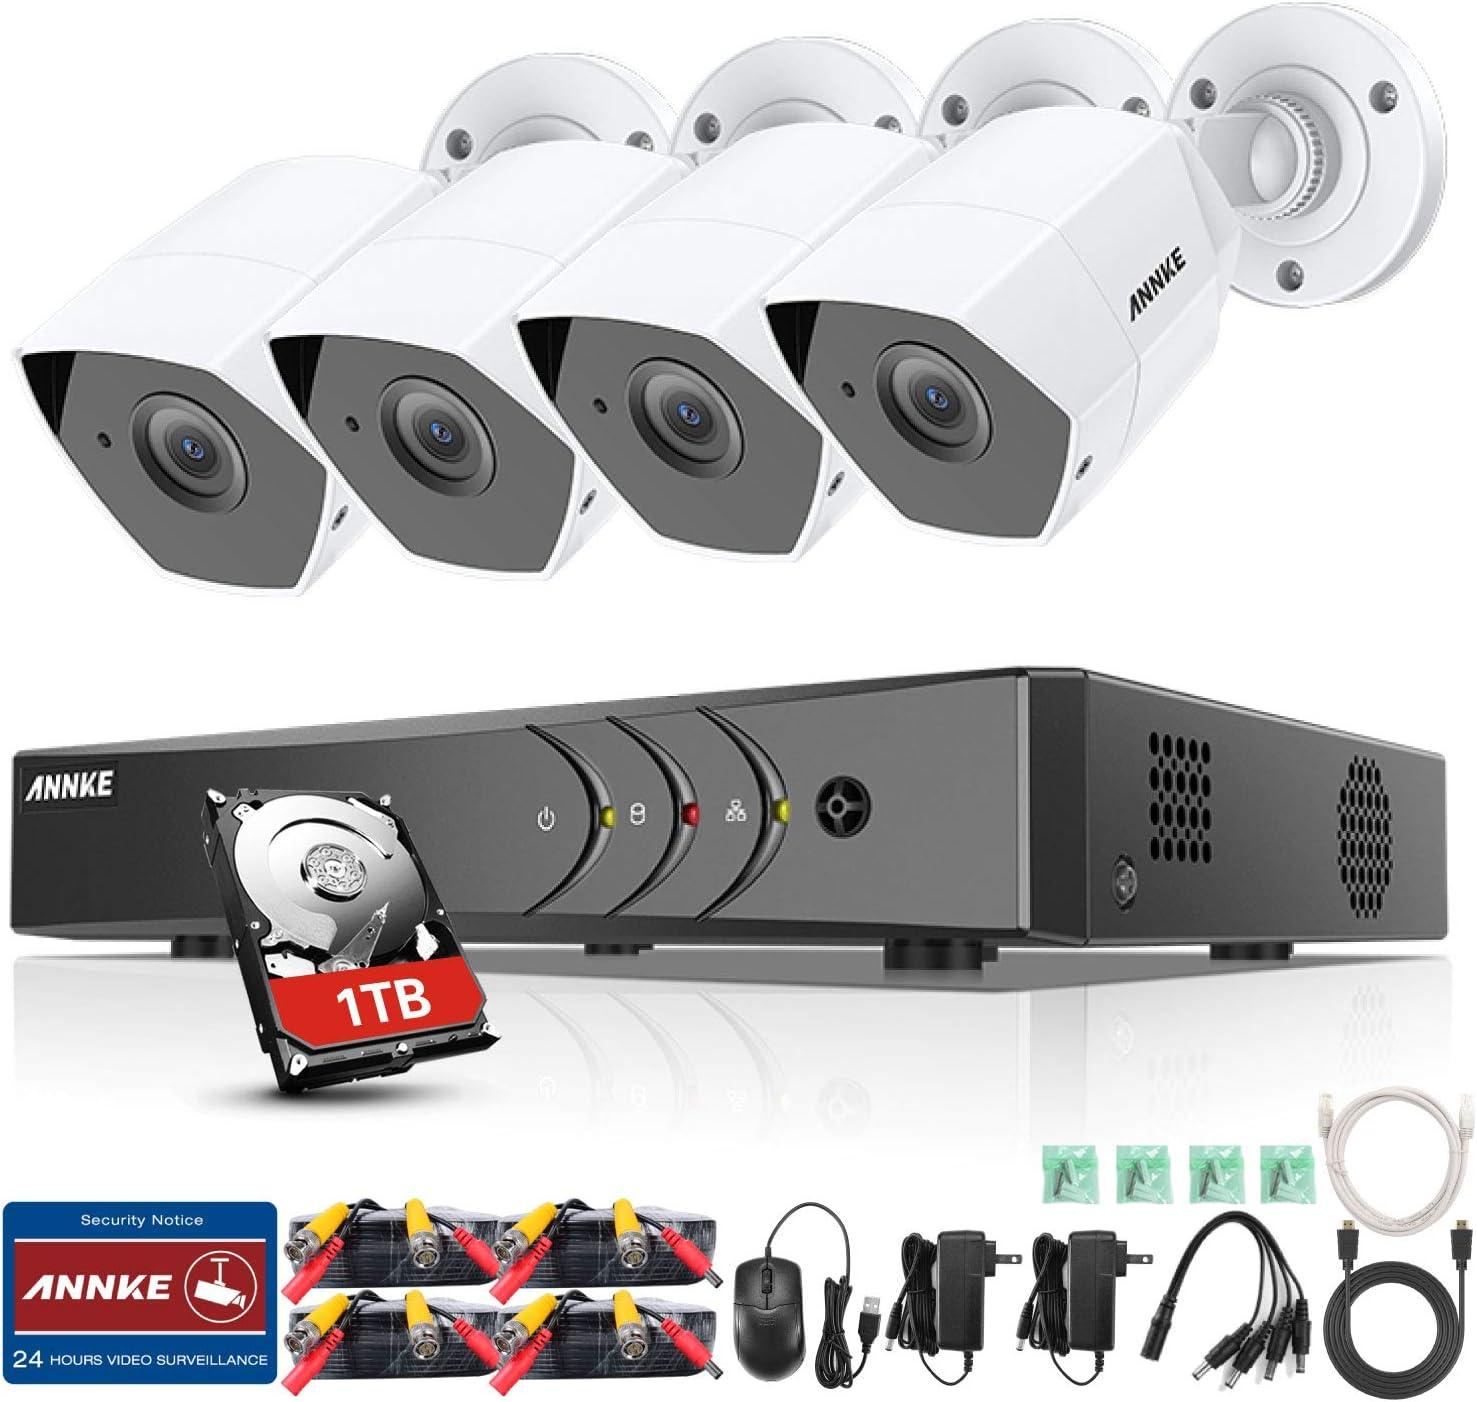 ANNKE 3MP Kit de 4 Cámaras de Seguridad 8CH DVR ( CCTV H.265+ DVR 8 Canales 3MP y Cámaras 1920*1536P Metal IP66 Impermeable Exterior y Interior Visión Nocturna Rápido Detección de Movimiento-1TB